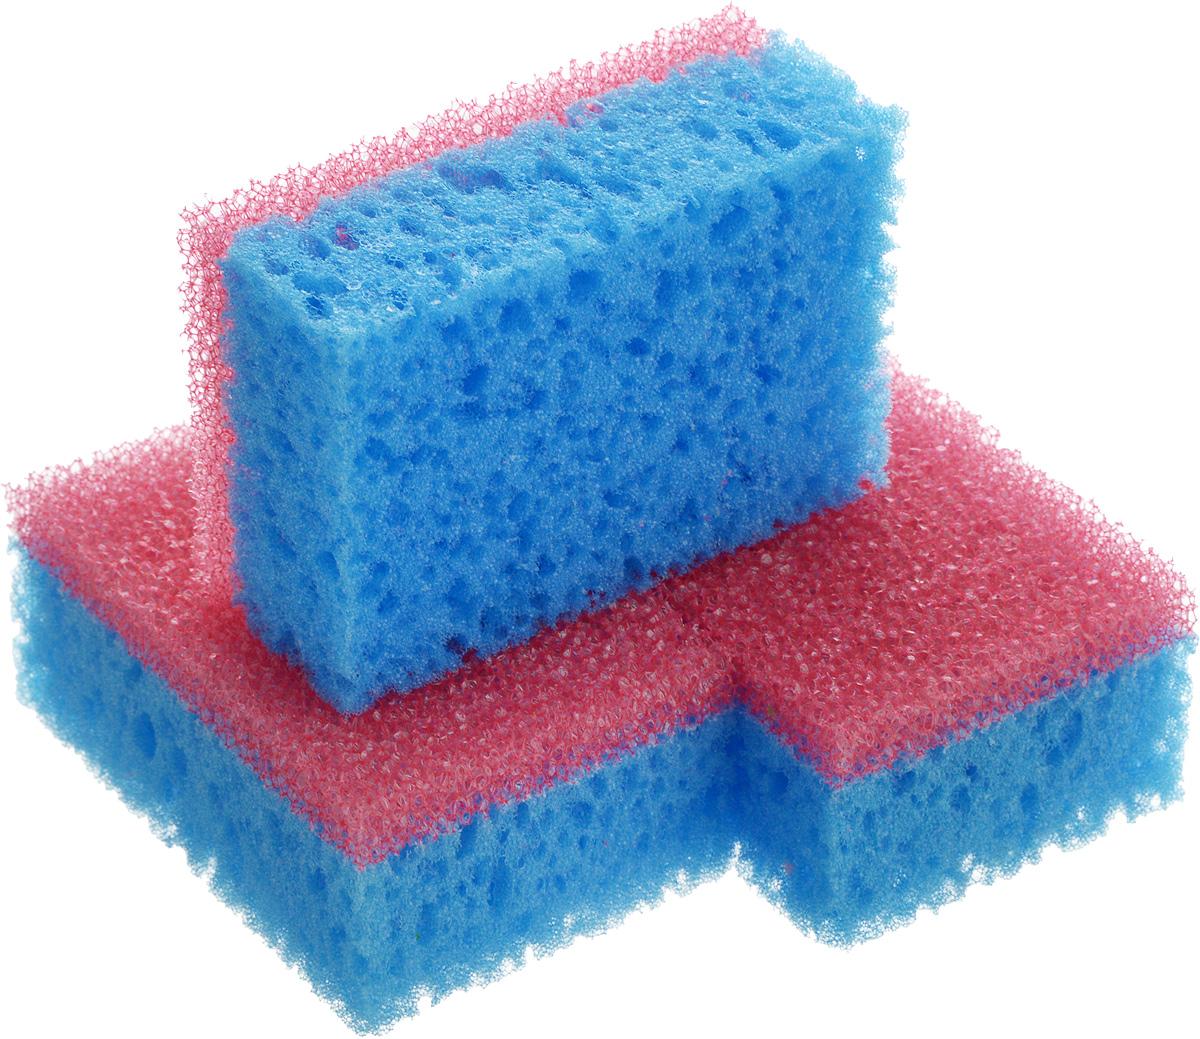 Губка для посуды La Chista Люкс, цвет: голубой, розовый, 9,5 х 6,5 х 4 см, 3 шт870147_голубой, розовыйГубка для посуды La Chista Люкс идеально справляется с любыми загрязнениями даже без моющего средства. Выполнена из мягкого поролона и абразивного материала.Особенности изделия: - изготовлены из экологически чистого сырья,- не содержат фреонов и метилгидрохлорида,- высокая плотность поролона экономит моющее средство,- особо прочные абразивные материалы.В комплект входят 3 губки.